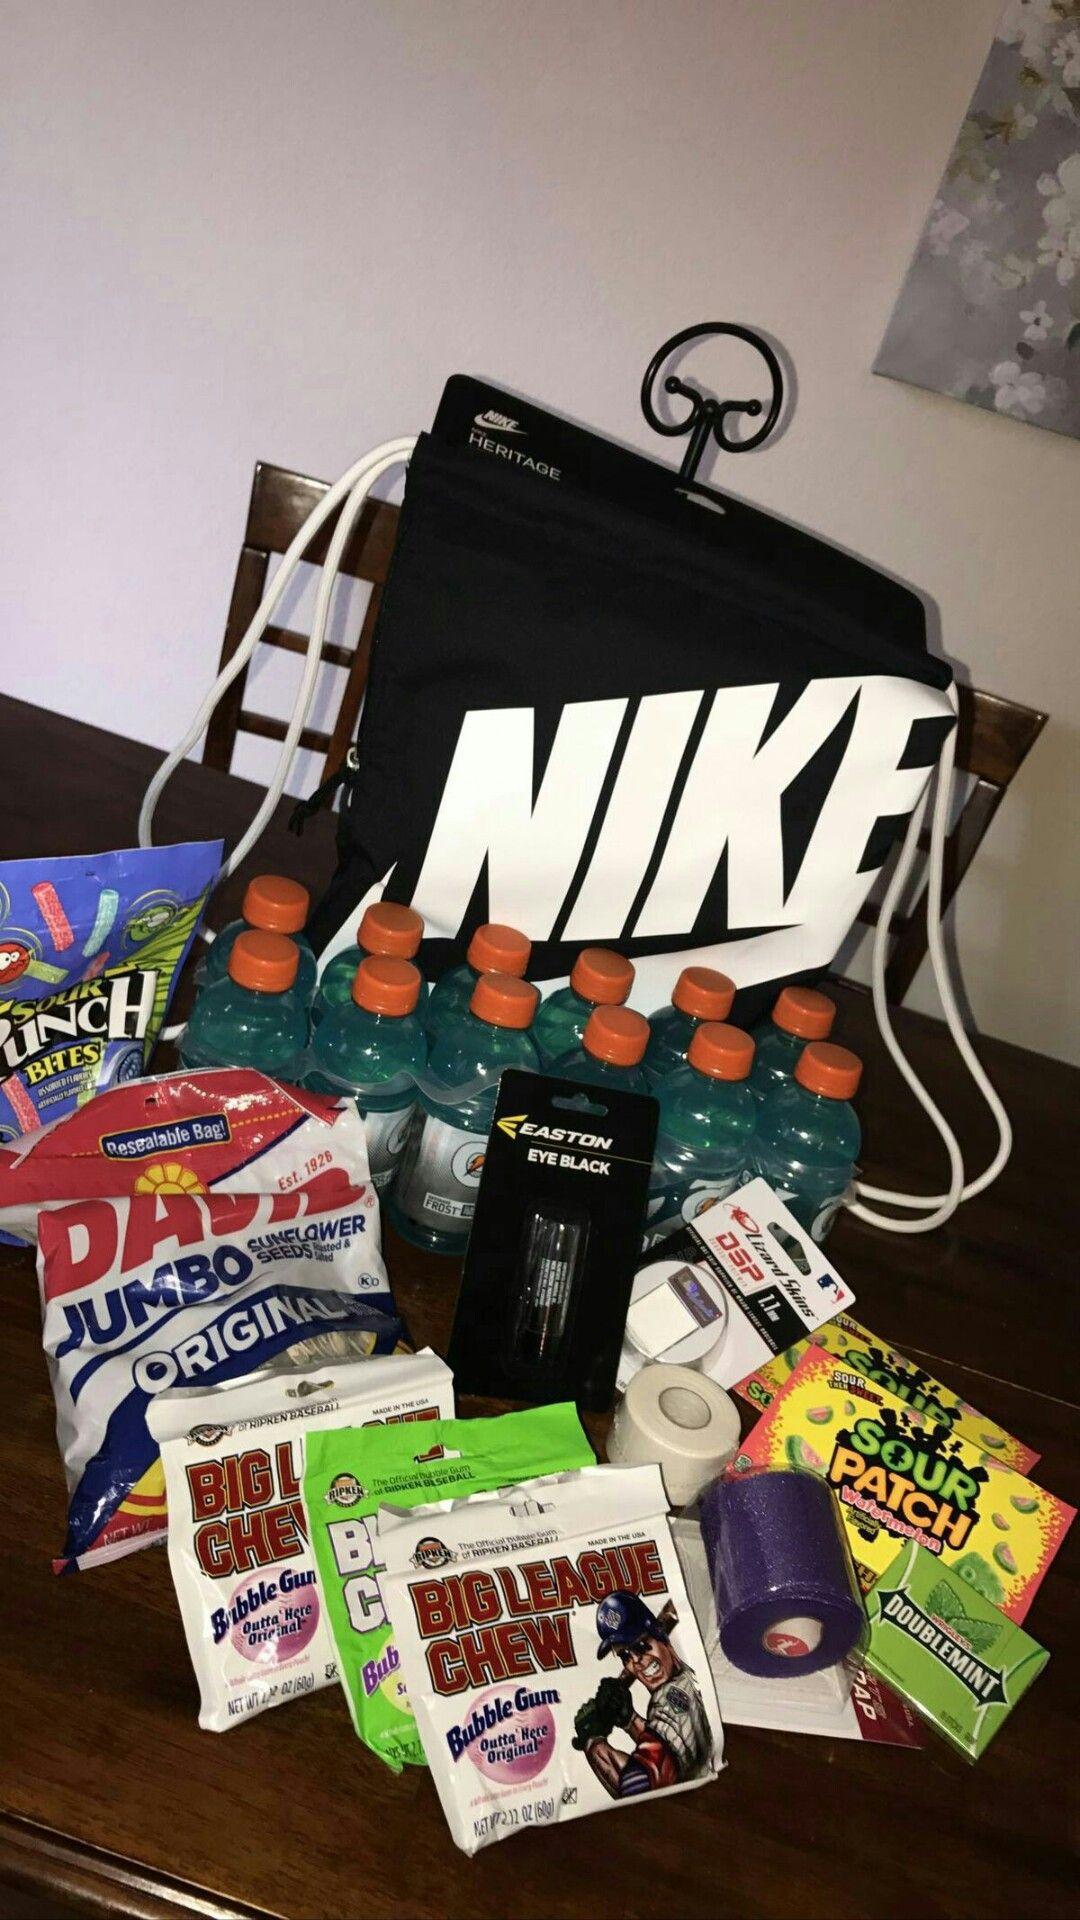 Boyfriendbirthdaygifts Boyfriend Gift Basket Diy Gifts